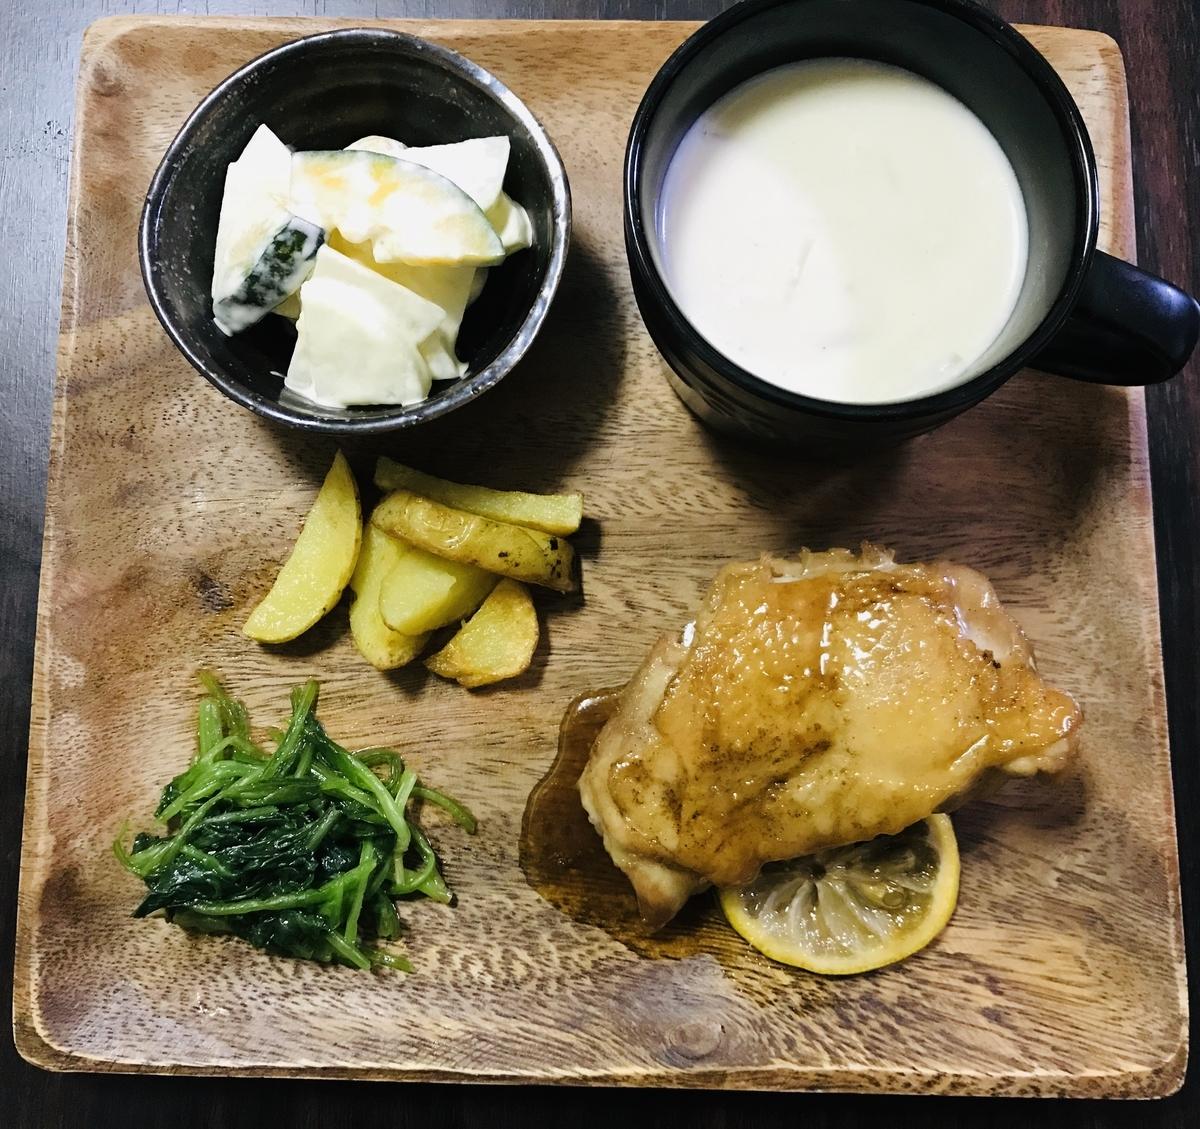 鶏肉のレモン照り焼き、オイシックス